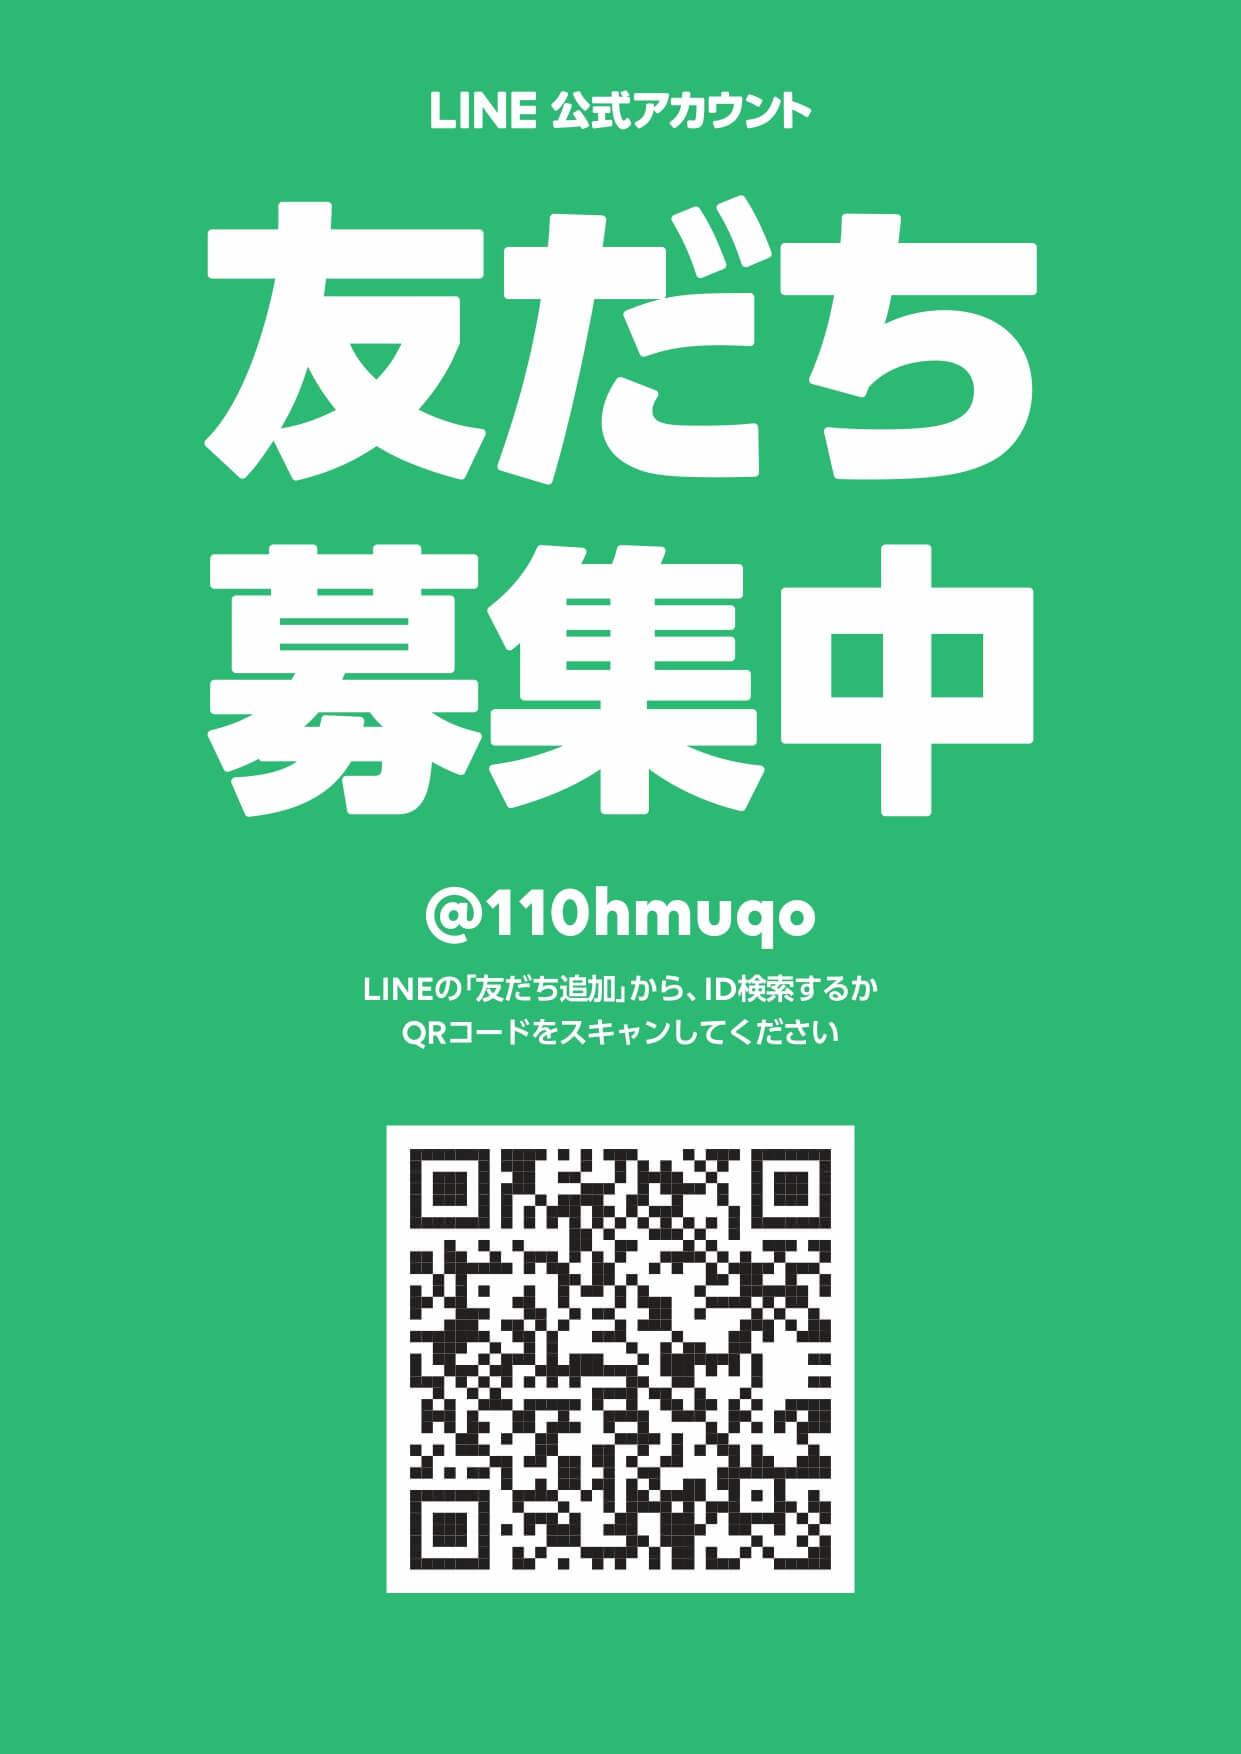 友だち募集ポスター_page-0001.jpg